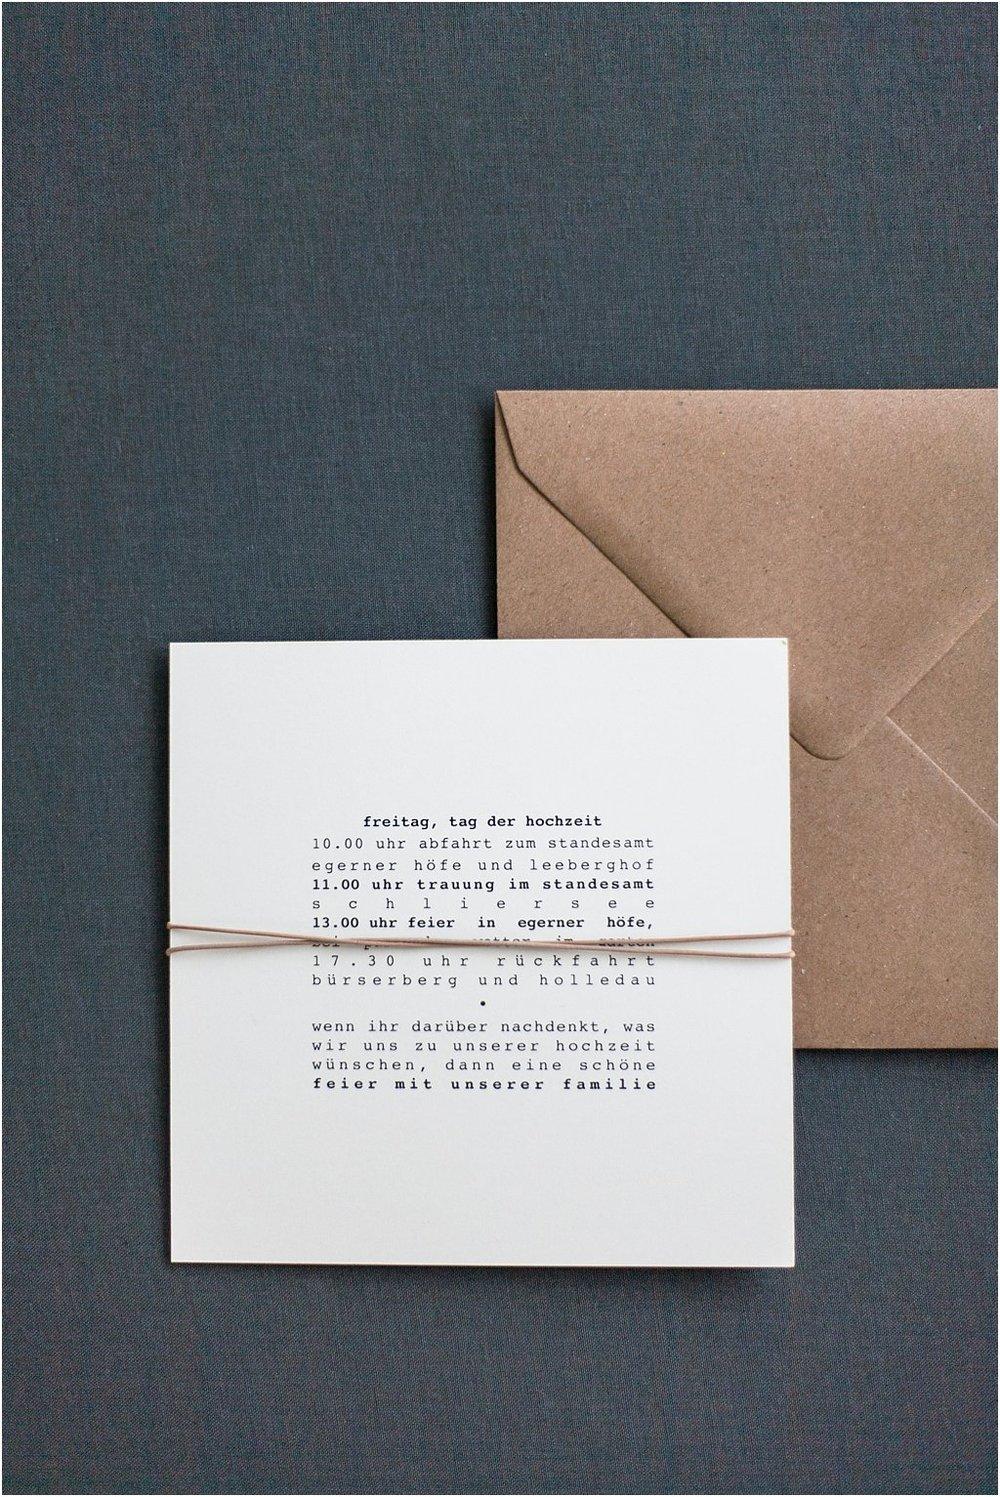 Rückseite gebundene Einladung